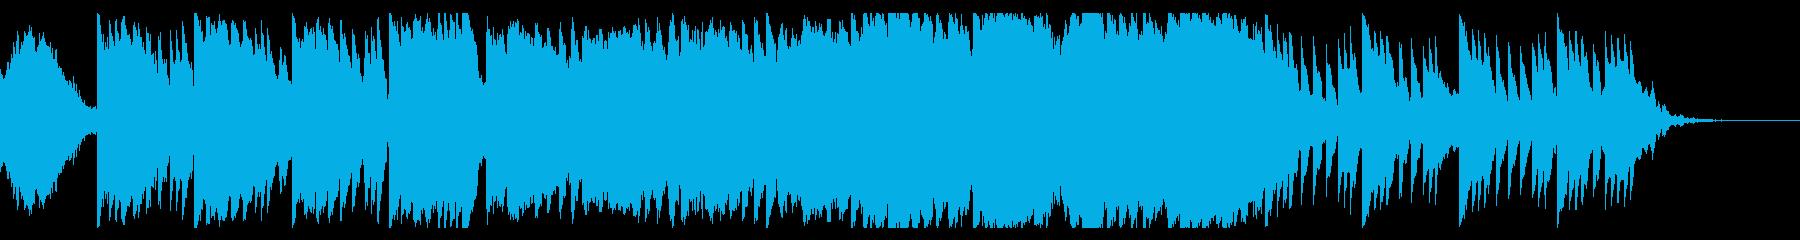 ホラー感を演出するBGMの再生済みの波形